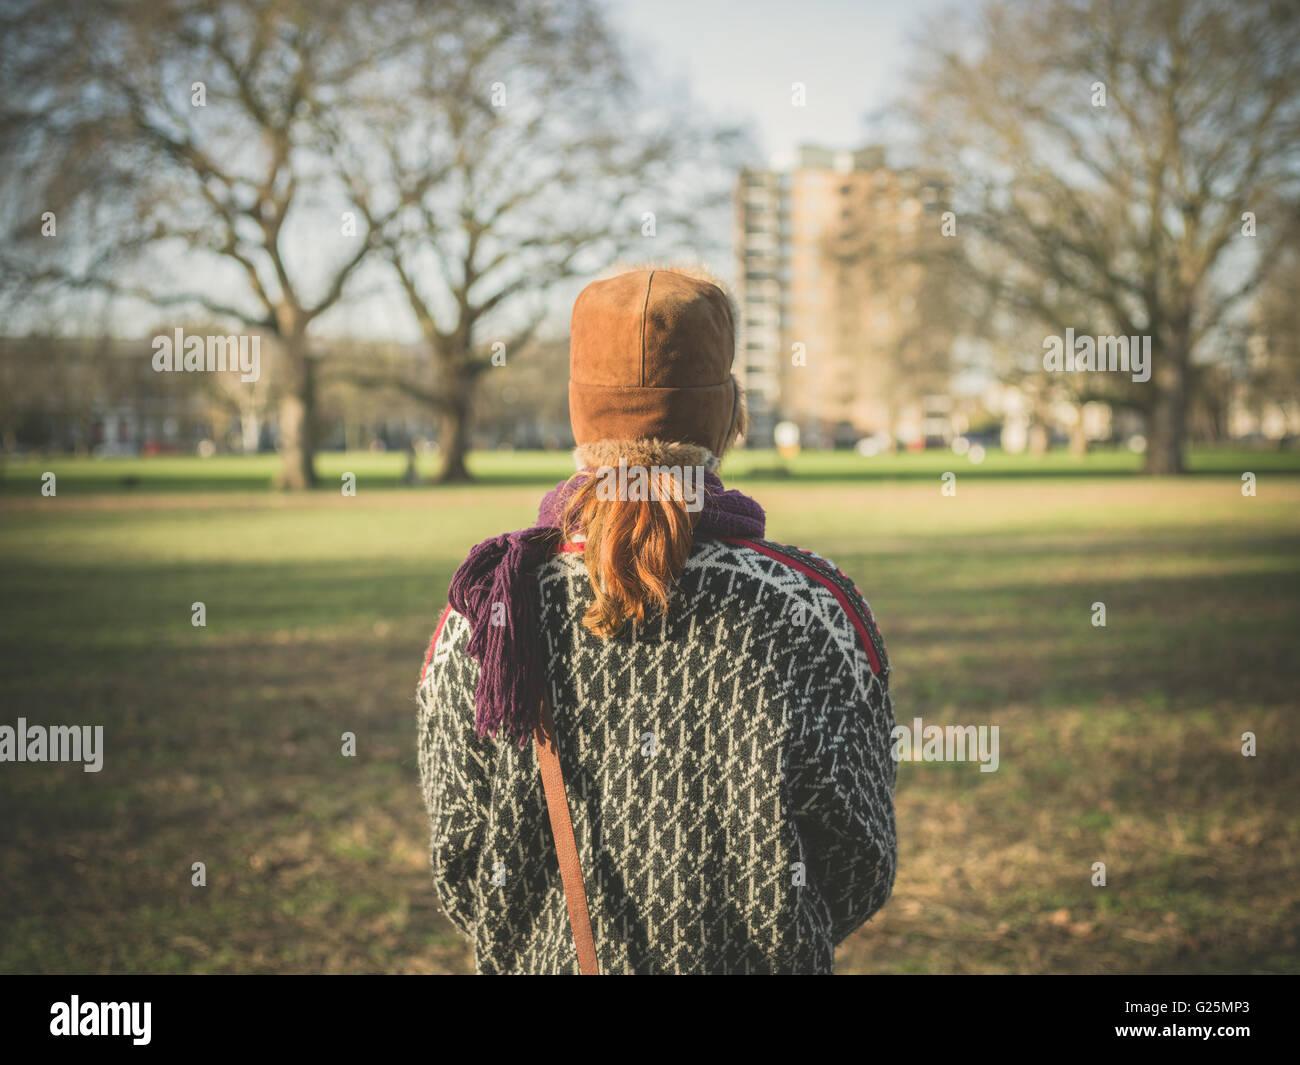 Une jeune femme marche dans le parc, un jour d'hiver Photo Stock